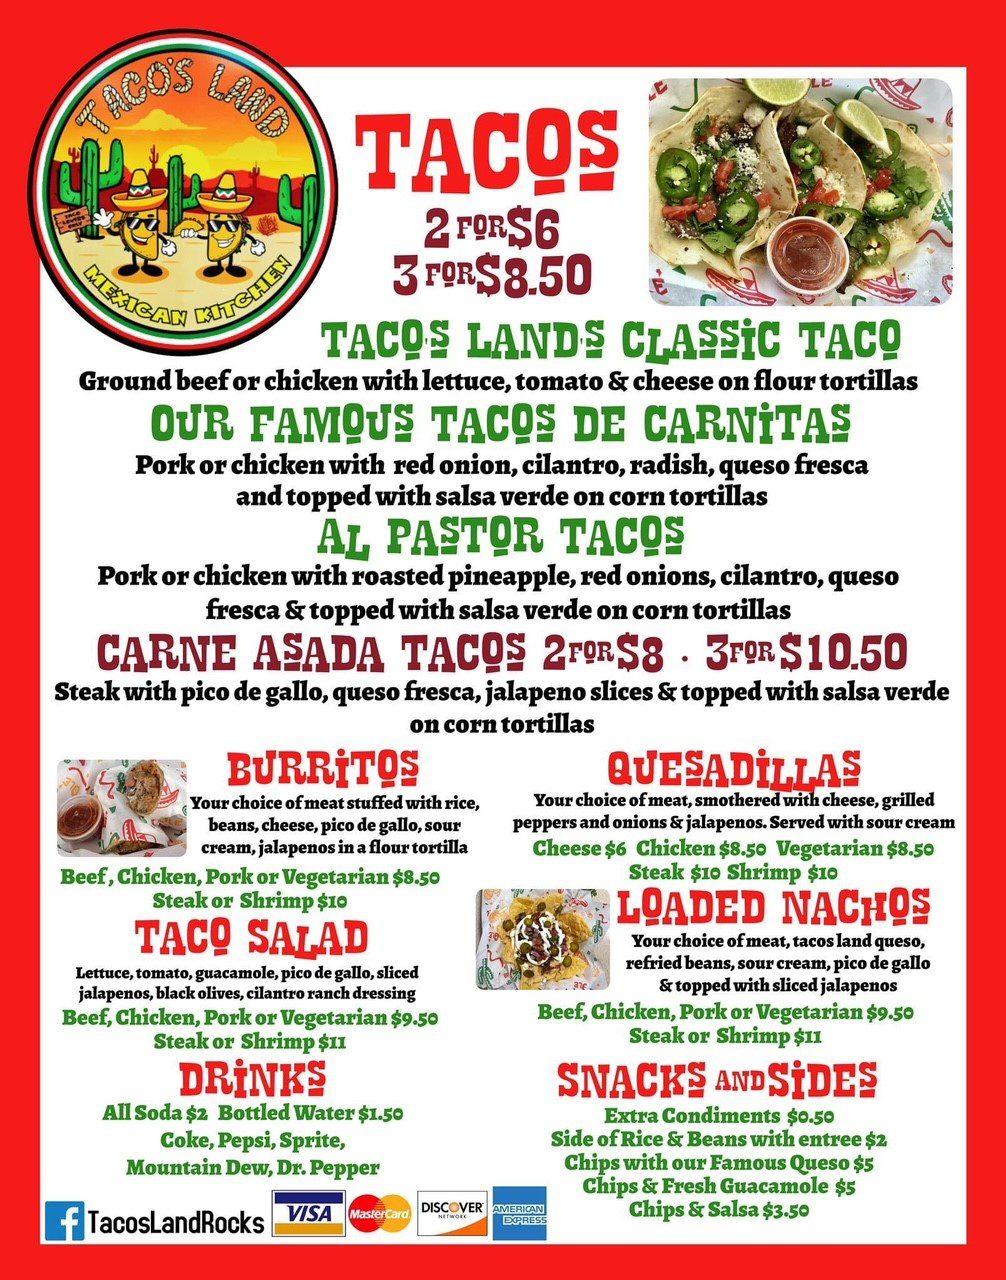 Tacos Land food truck at Enclave at 3230 near Daytona Beach Shores